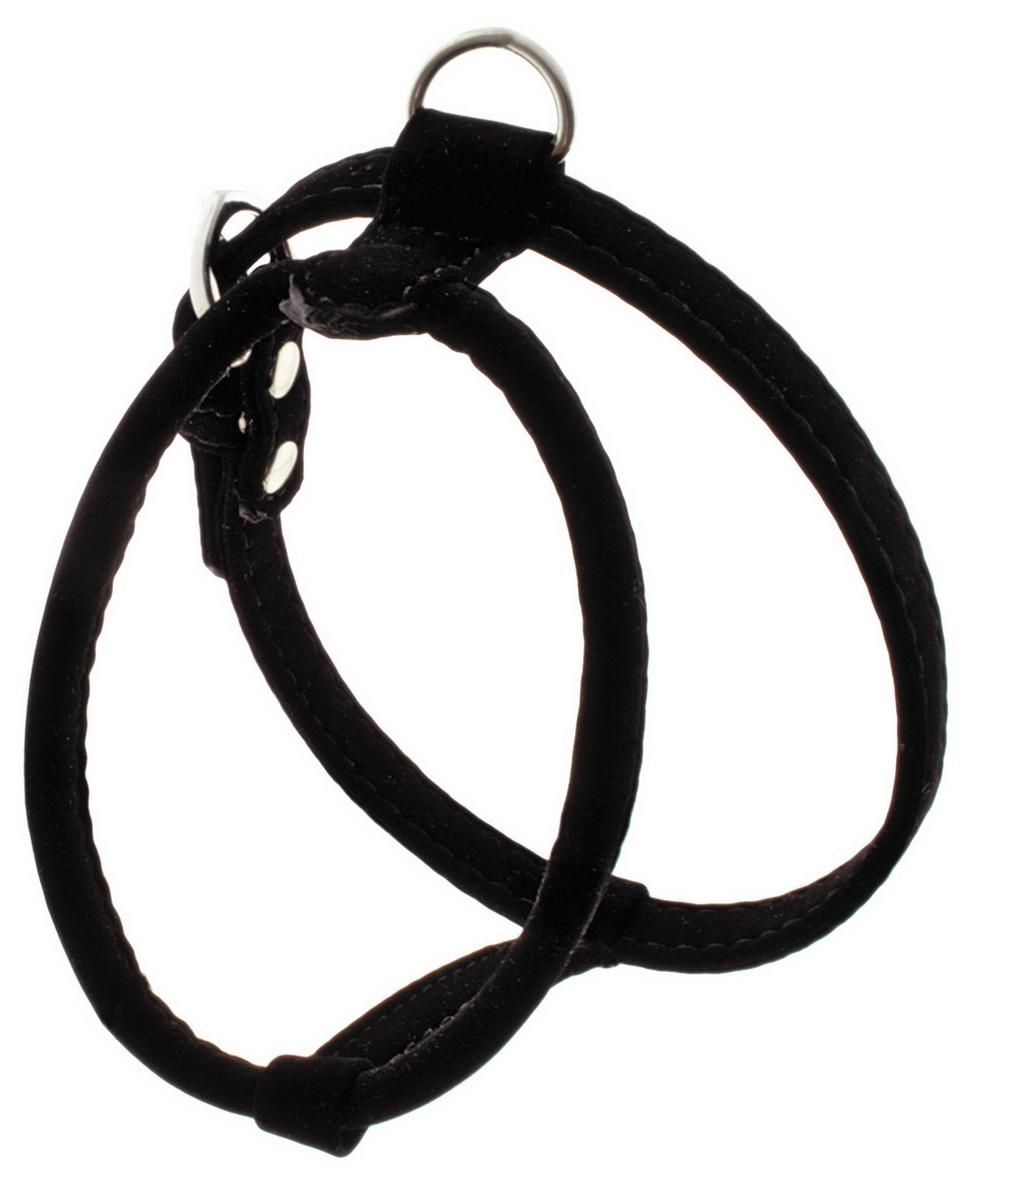 Шлейка для собак Dezzie, цвет: черный, ширина 1,5 см, обхват шеи 30 см, обхват груди 33-38 см. Размер M. 5624008 шлейка для собак зоомарк к9 1 обхват груди 51 67 см